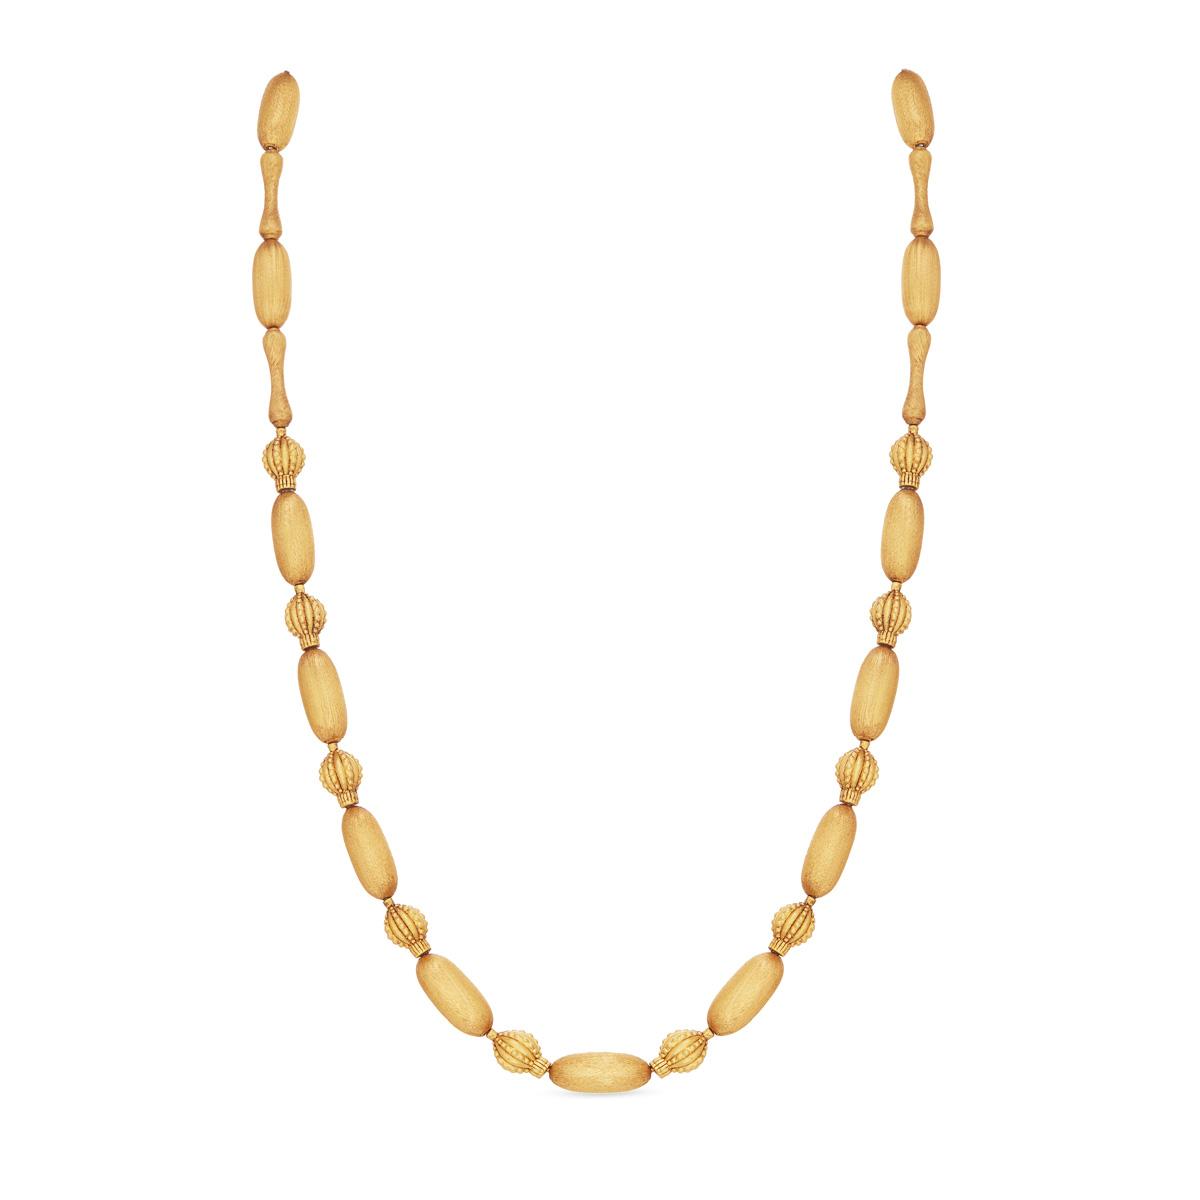 Tejal Chain